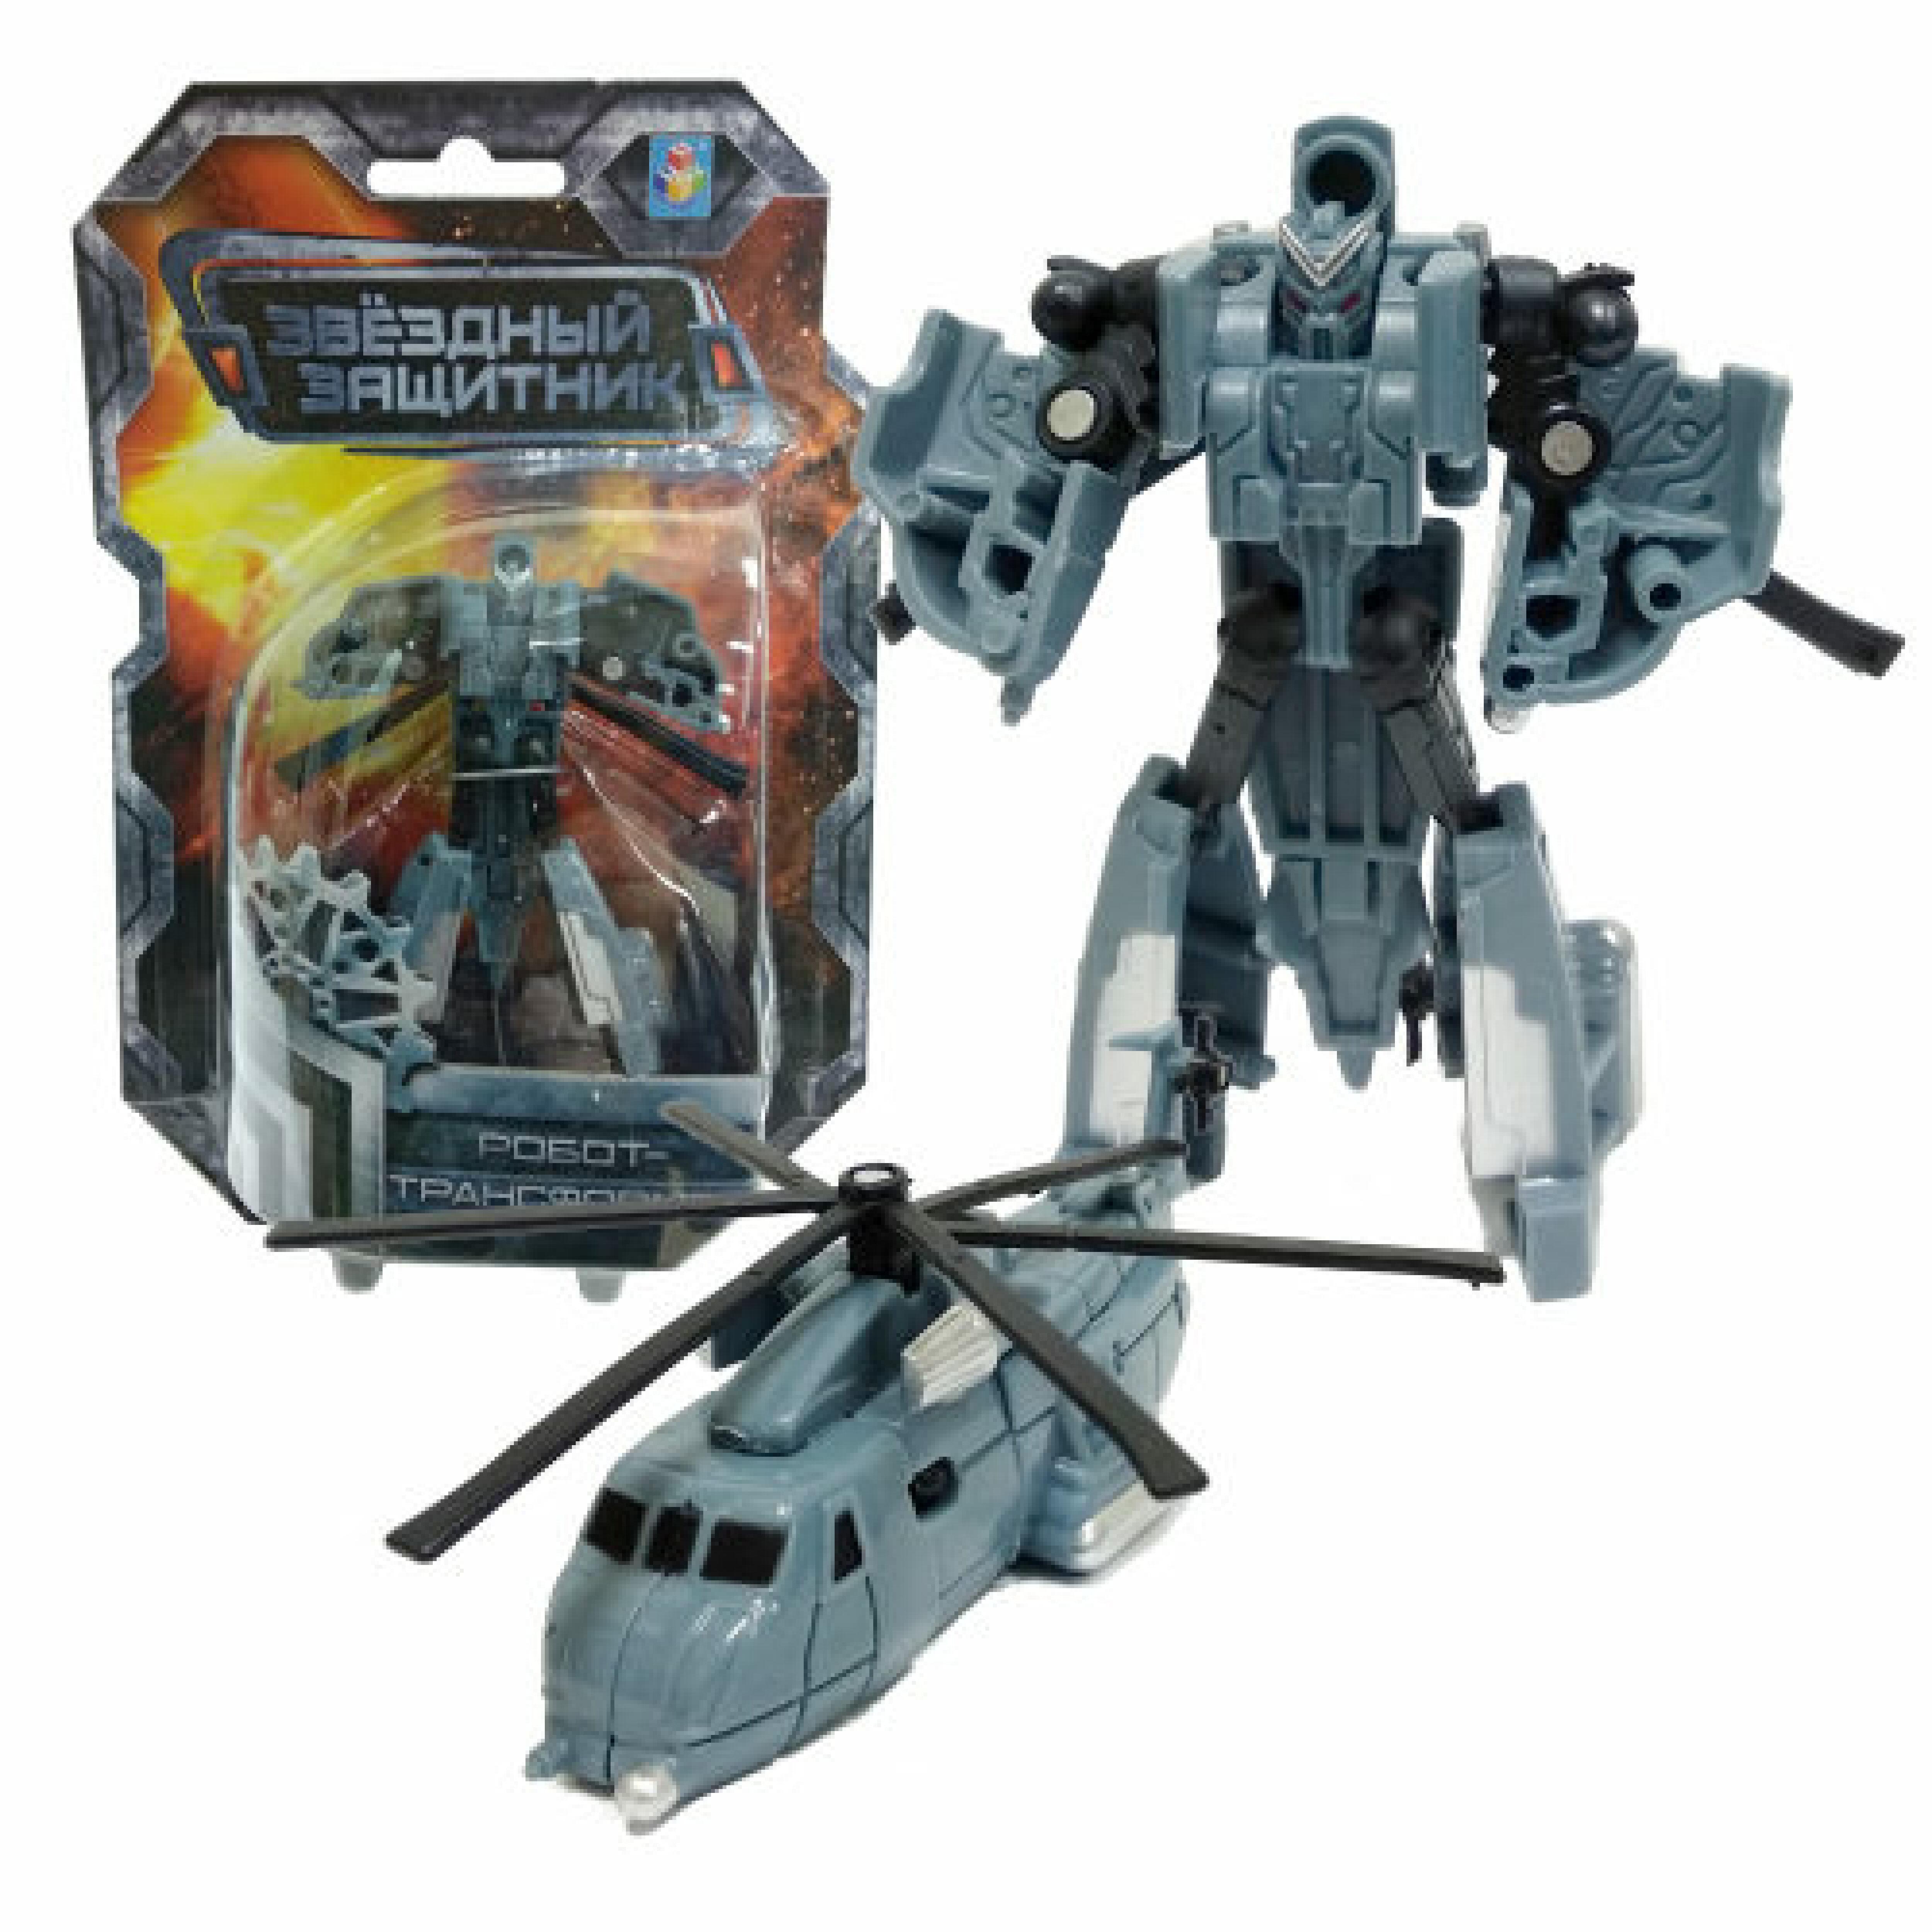 1toy Звёздный защитник робот-трансформер 9 см собирается в вертолет Т59377